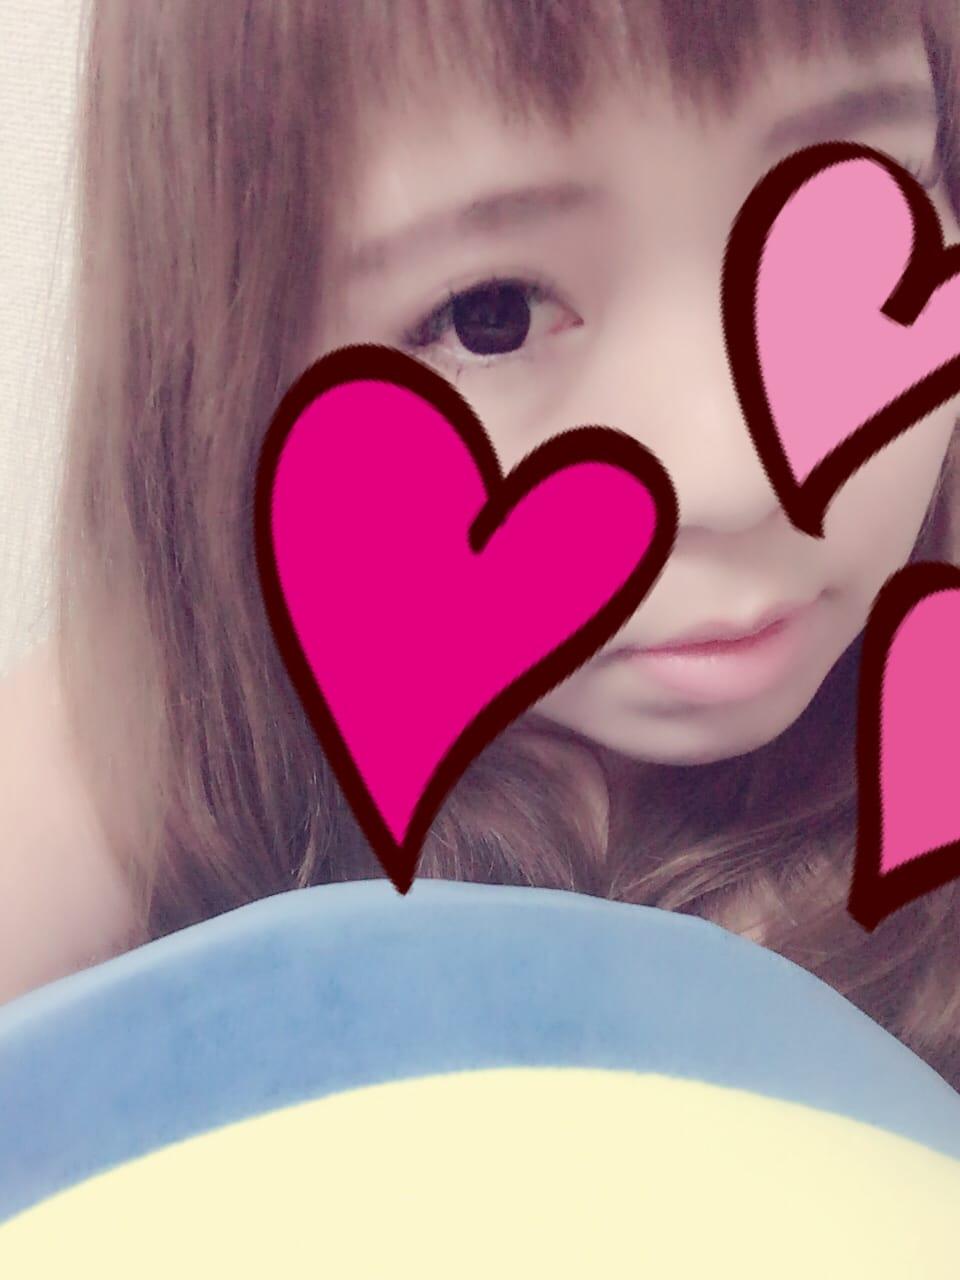 フーミン「お礼☆」02/24(土) 21:06 | フーミンの写メ・風俗動画